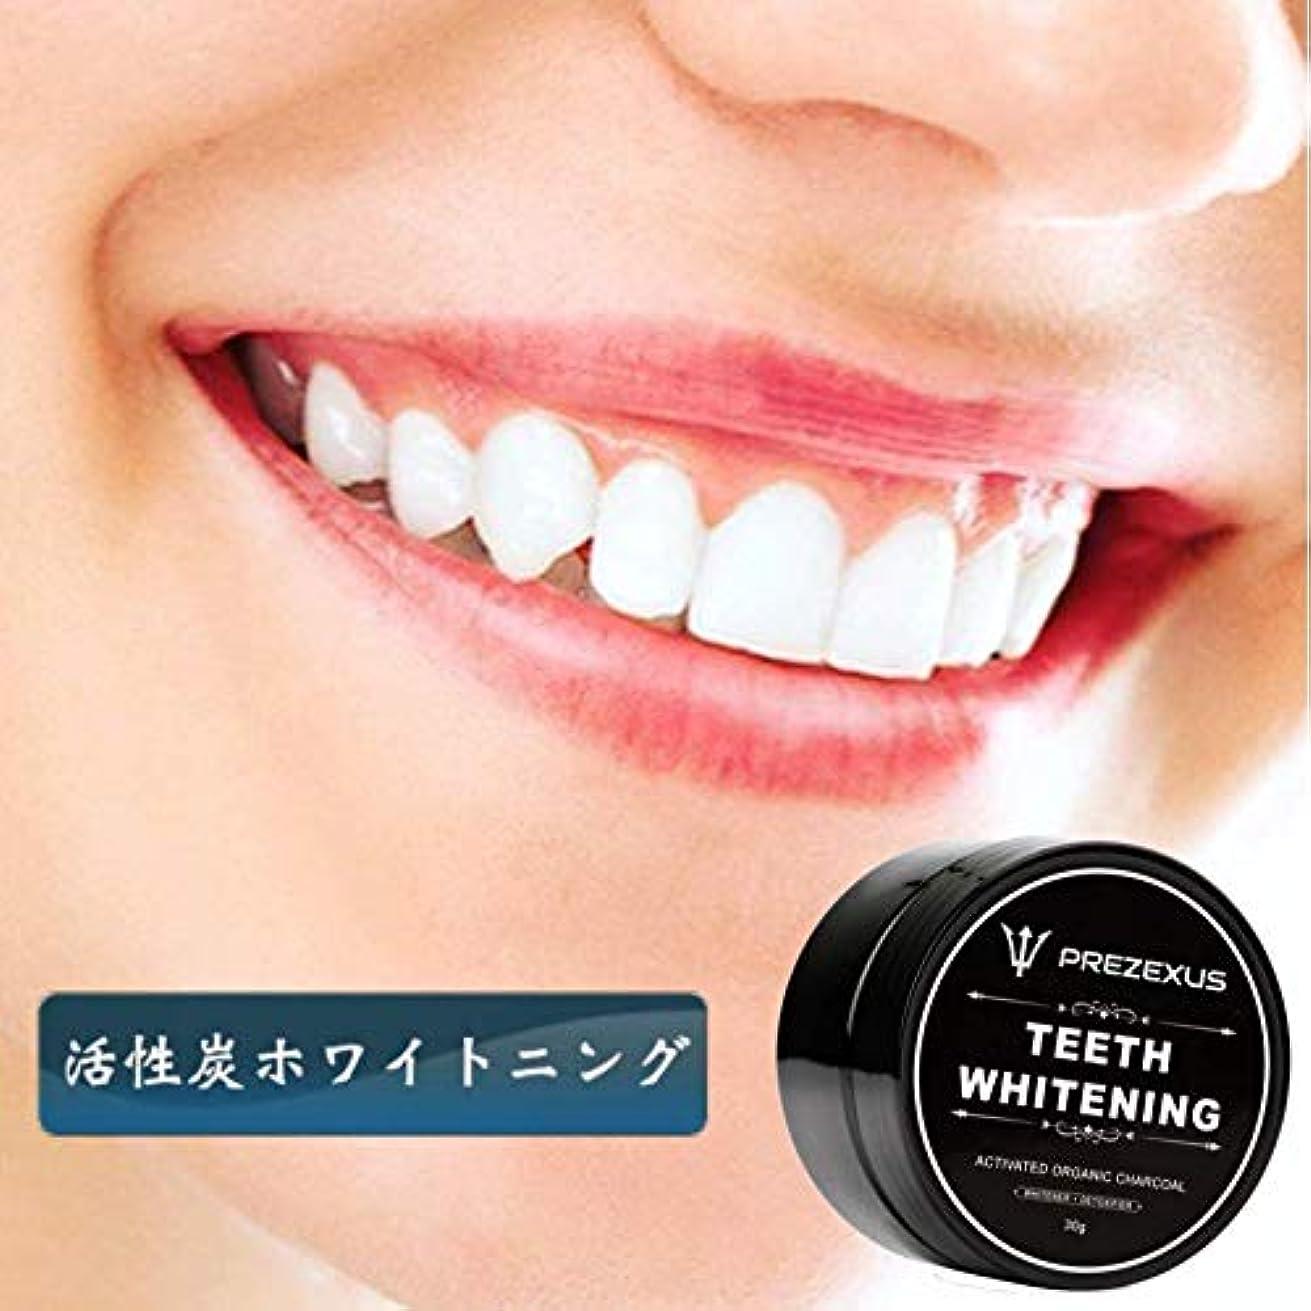 望まない皿実業家[PREZEXUS]歯科専用 ホワイトニング パウダー 活性炭 (黄ばみ除去/歯みがき粉) 1年保証&日本語説明書付き